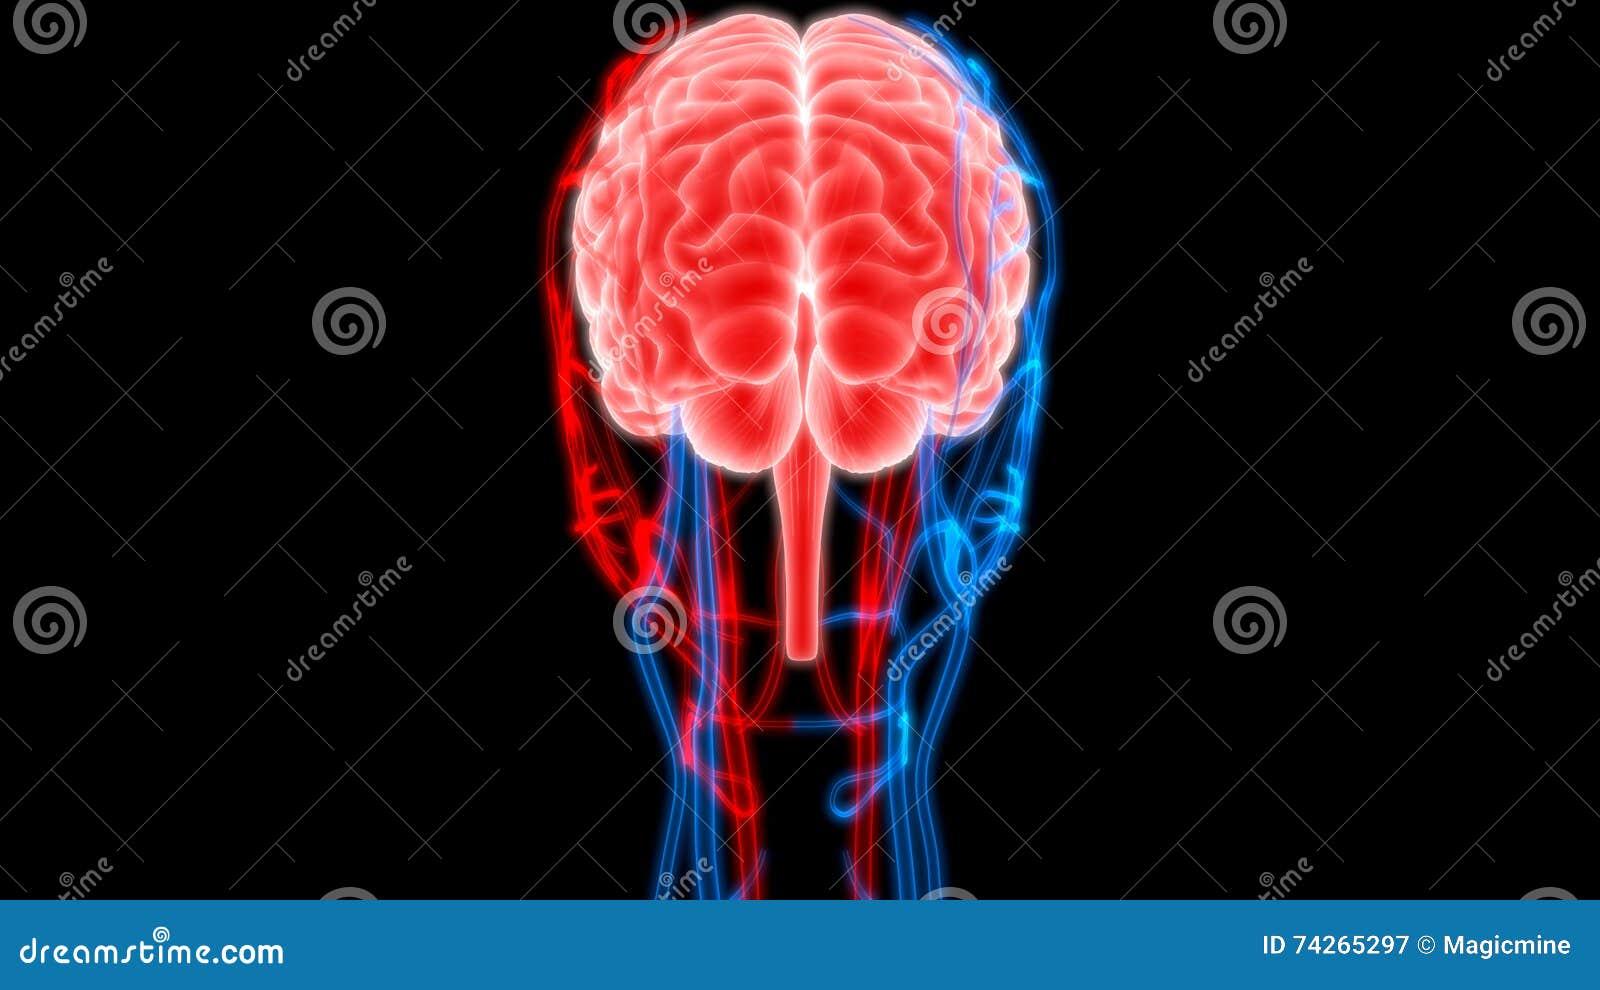 Cerebro Humano Con Los Nervios, Las Venas Y La Anatomía De Las ...